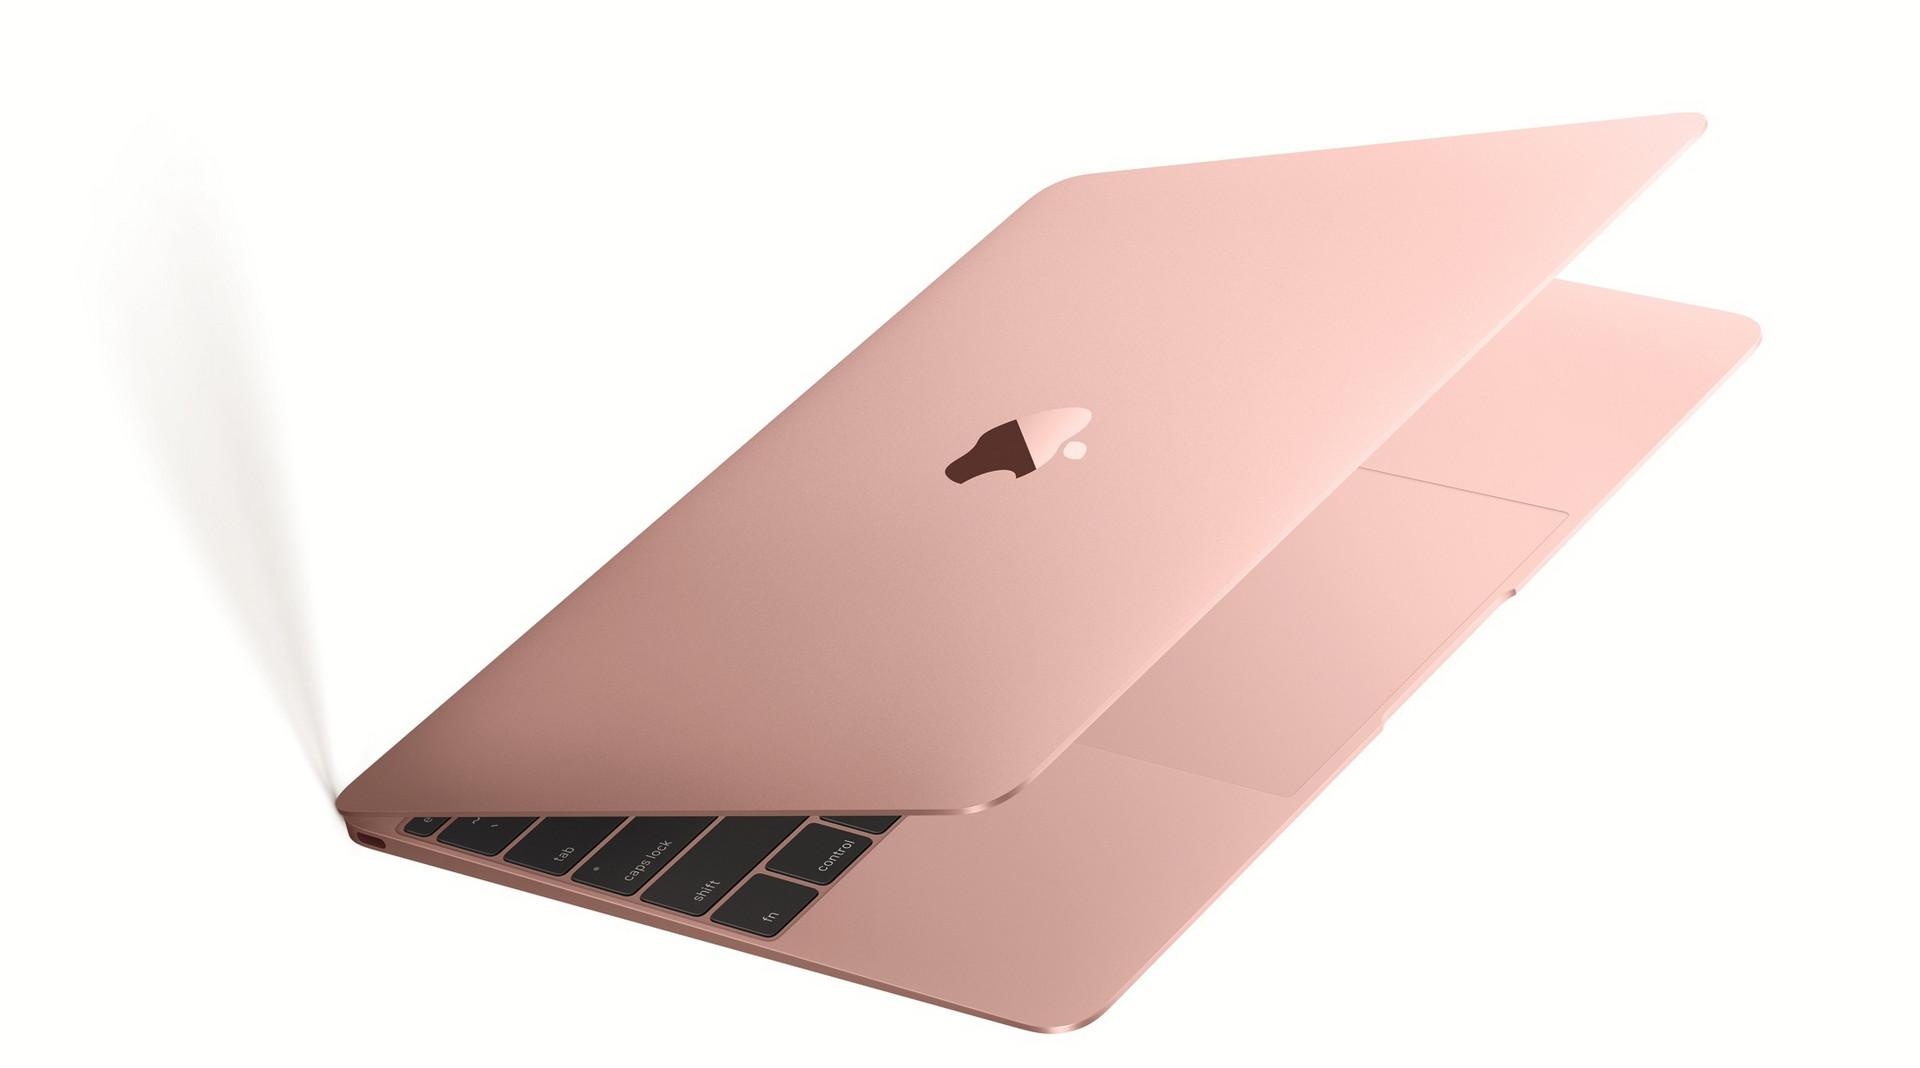 Apple updates the 12-inch MacBook